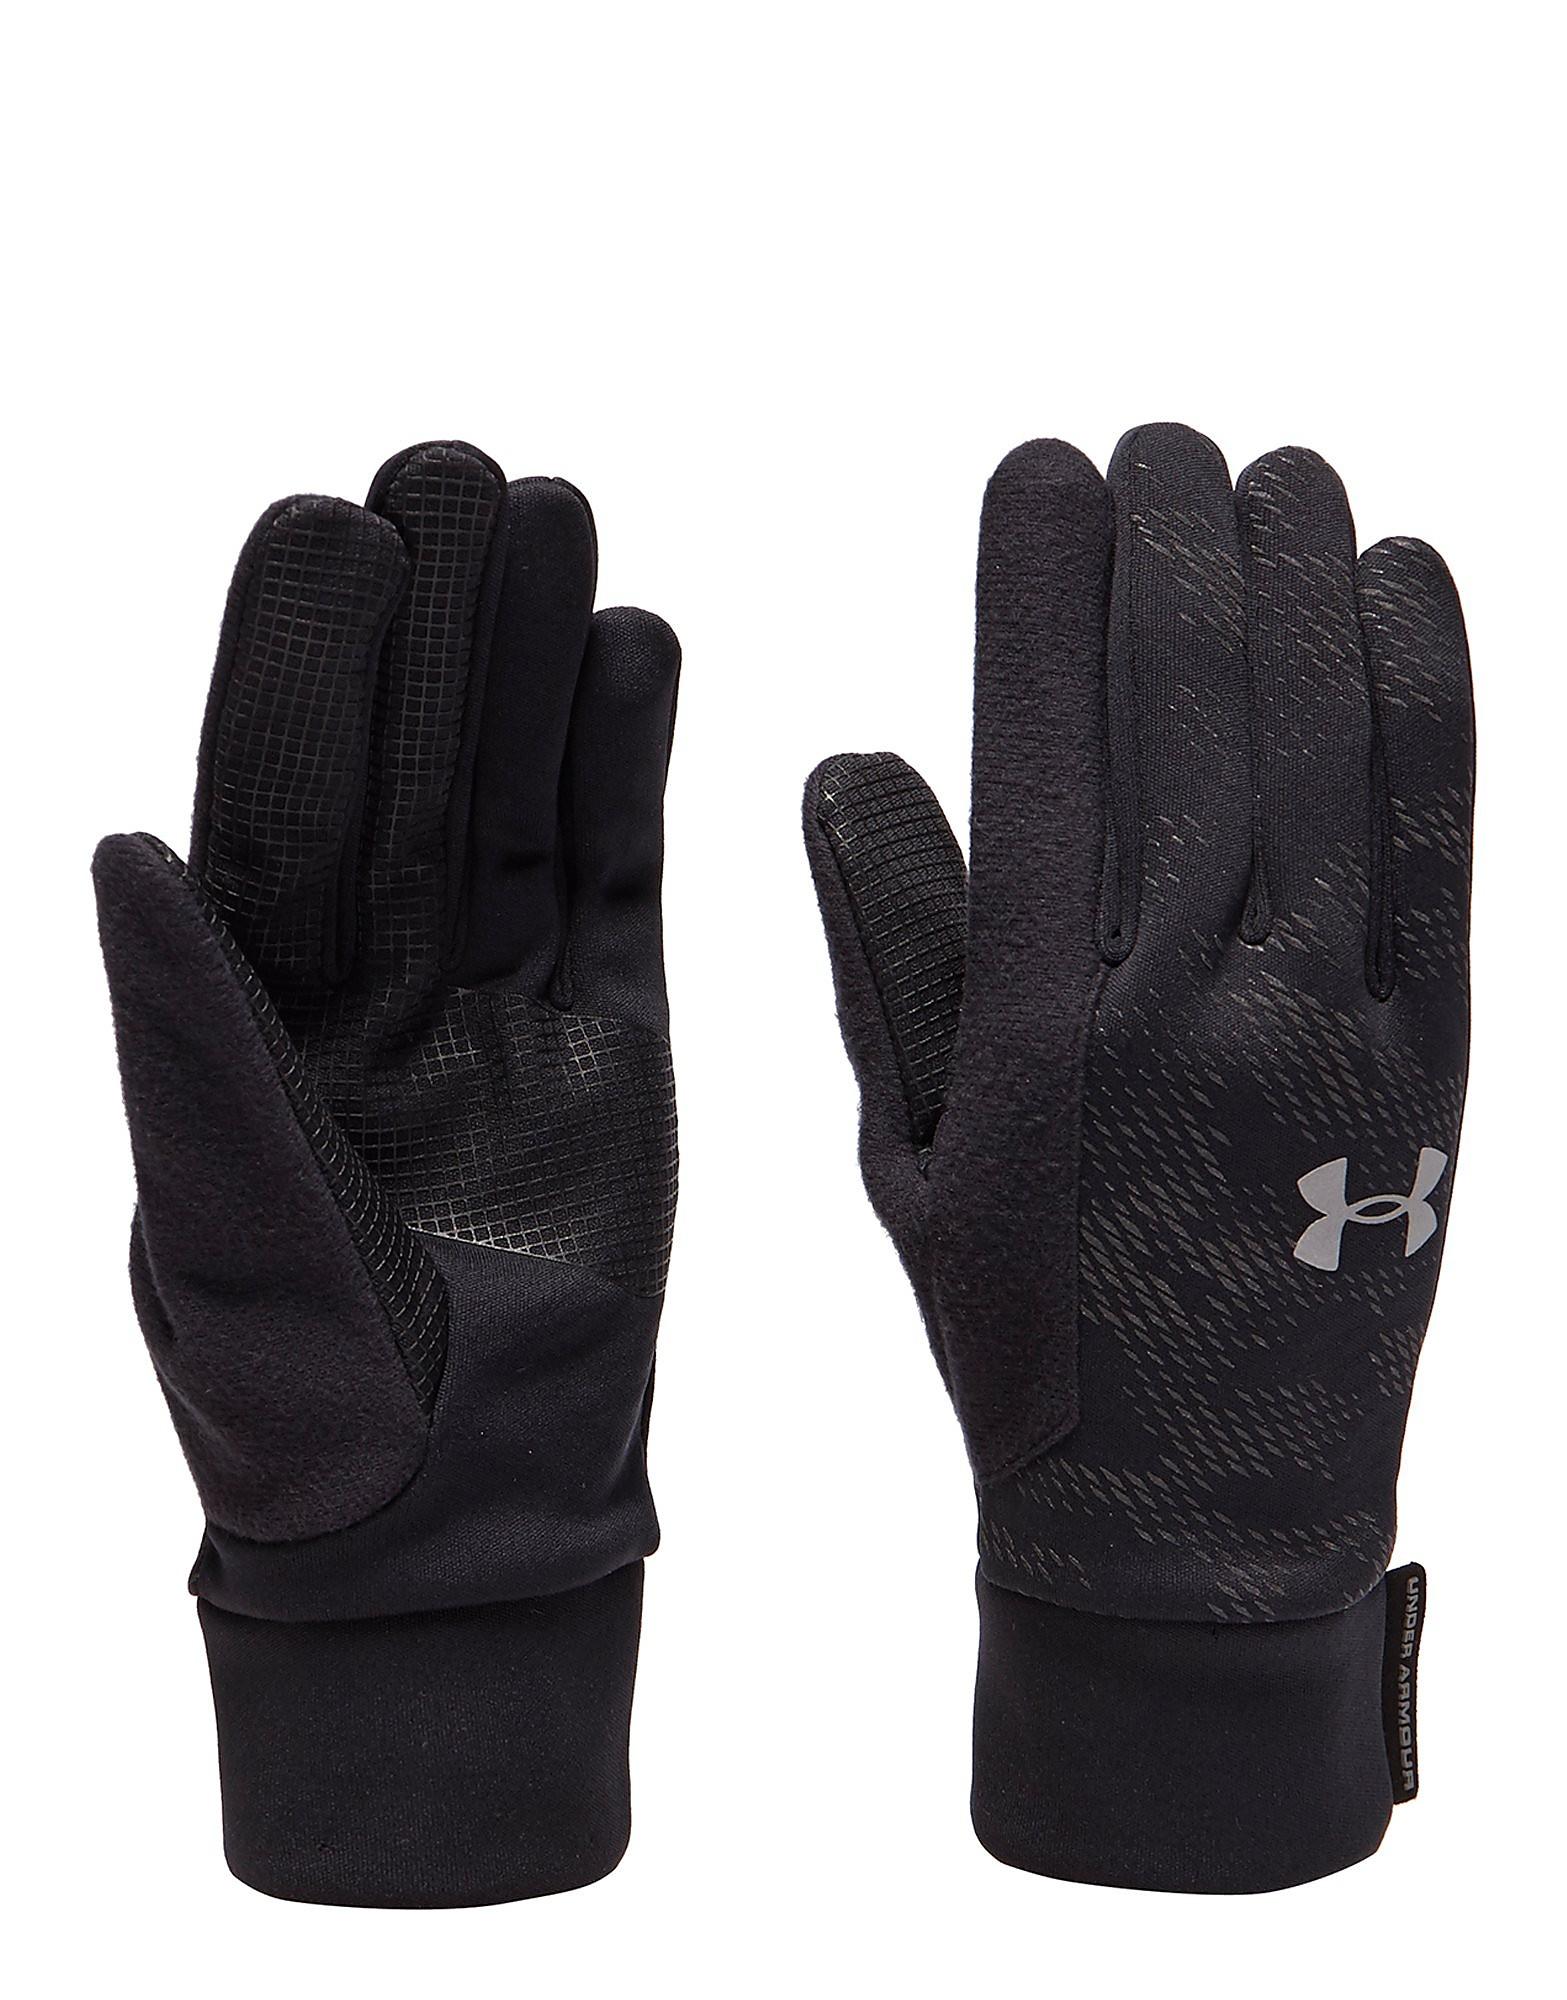 Leather gloves mens jd - Under Armour Nobreaks Coldgear Infrared Liner Gloves Black Mens Black